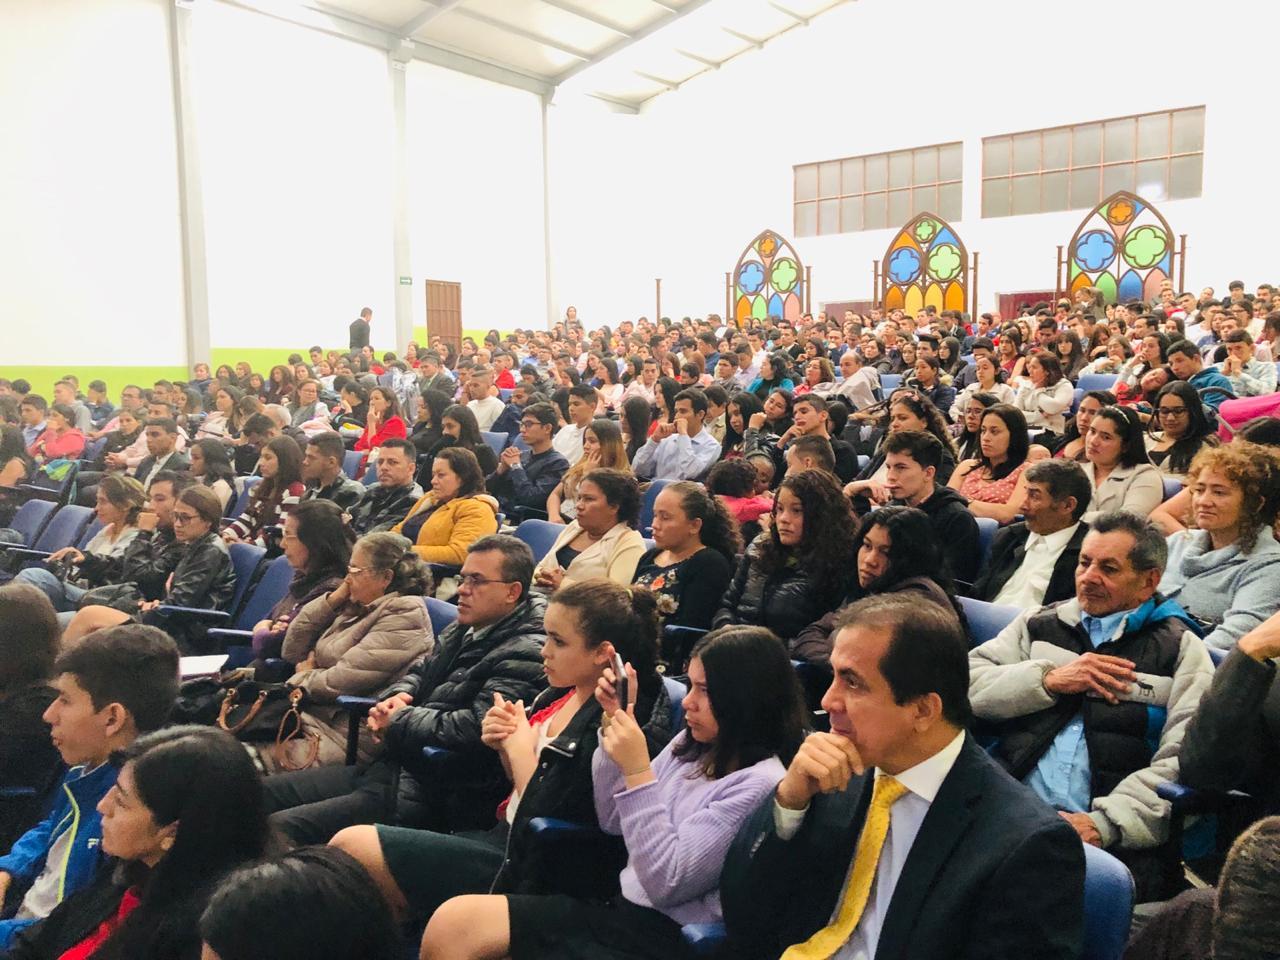 Más de 800 jóvenes aceptan el llamado al ministerio PCM